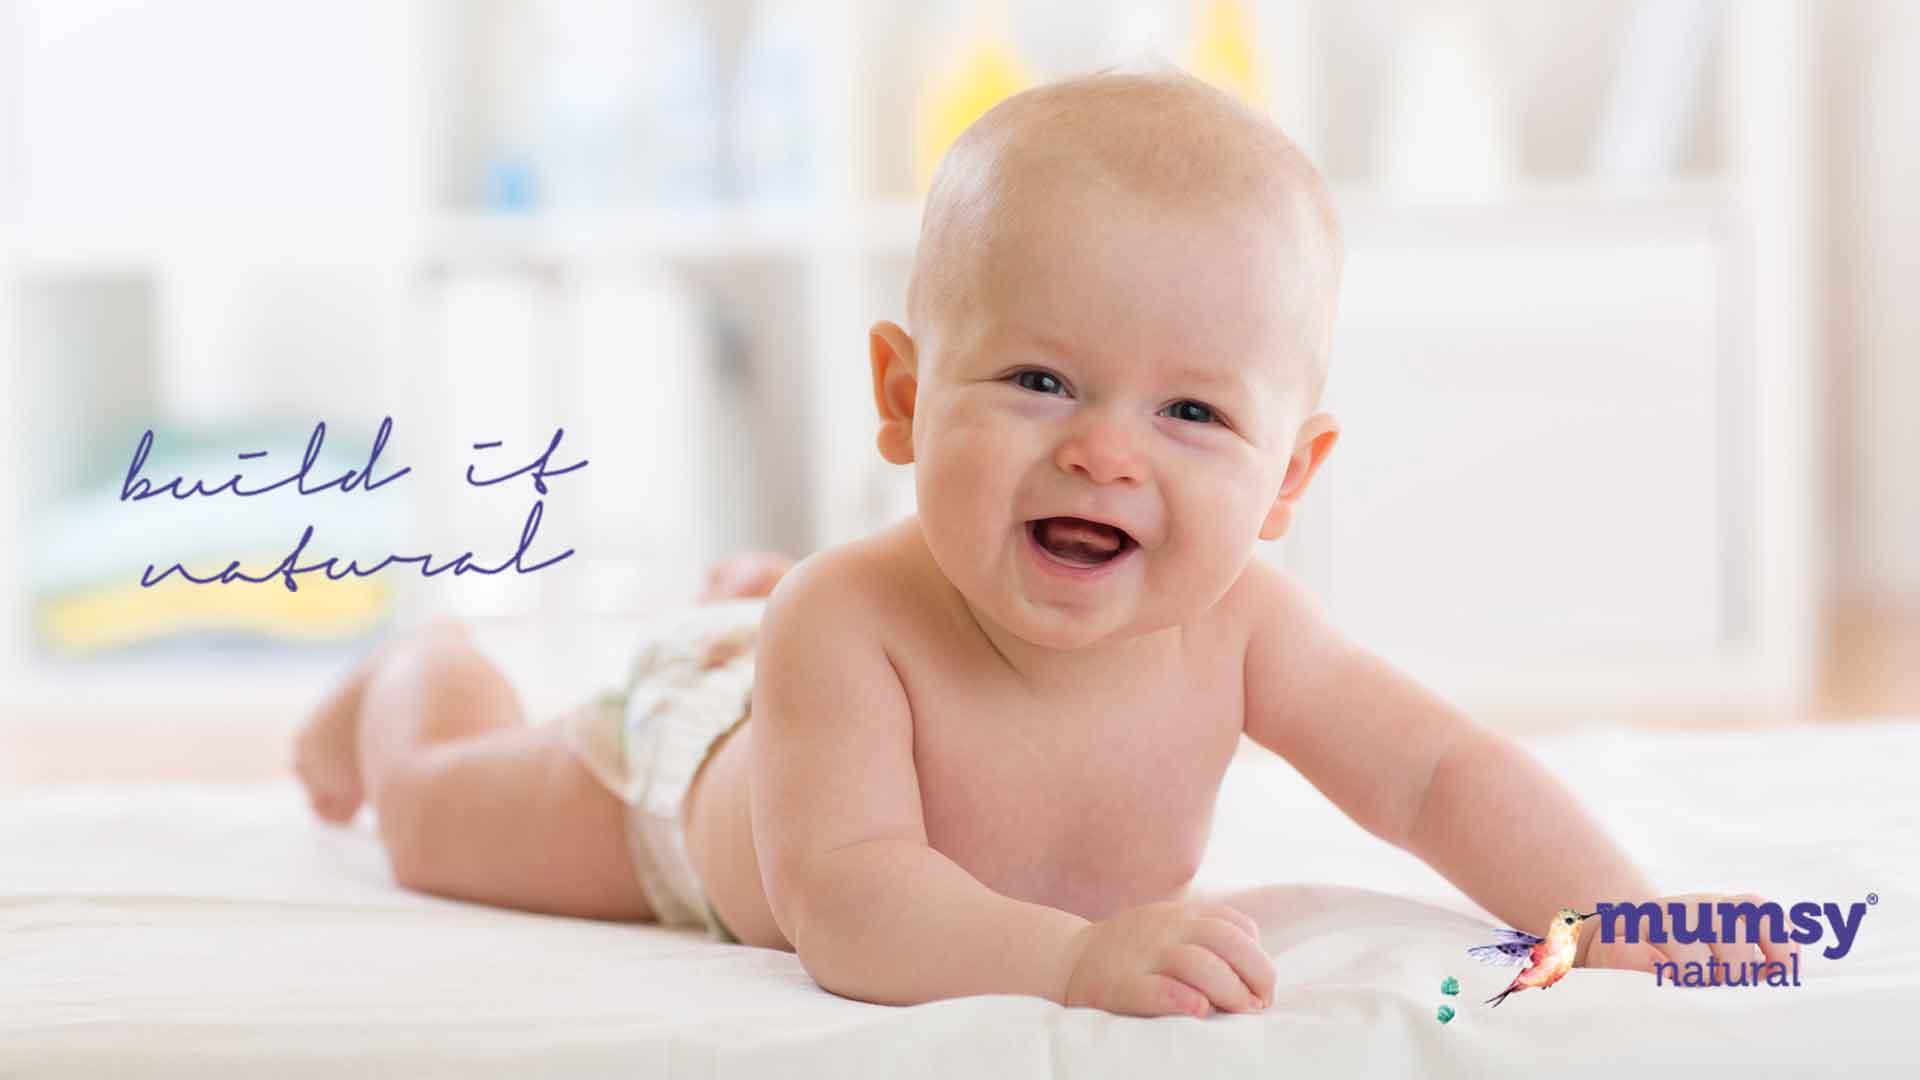 pişik nasıl geçer en iyi pisik kremi bebek pisik kremi bebek pisik isilik kremi bebeklerde pişik nasıl geçer en iyi pişik kremi